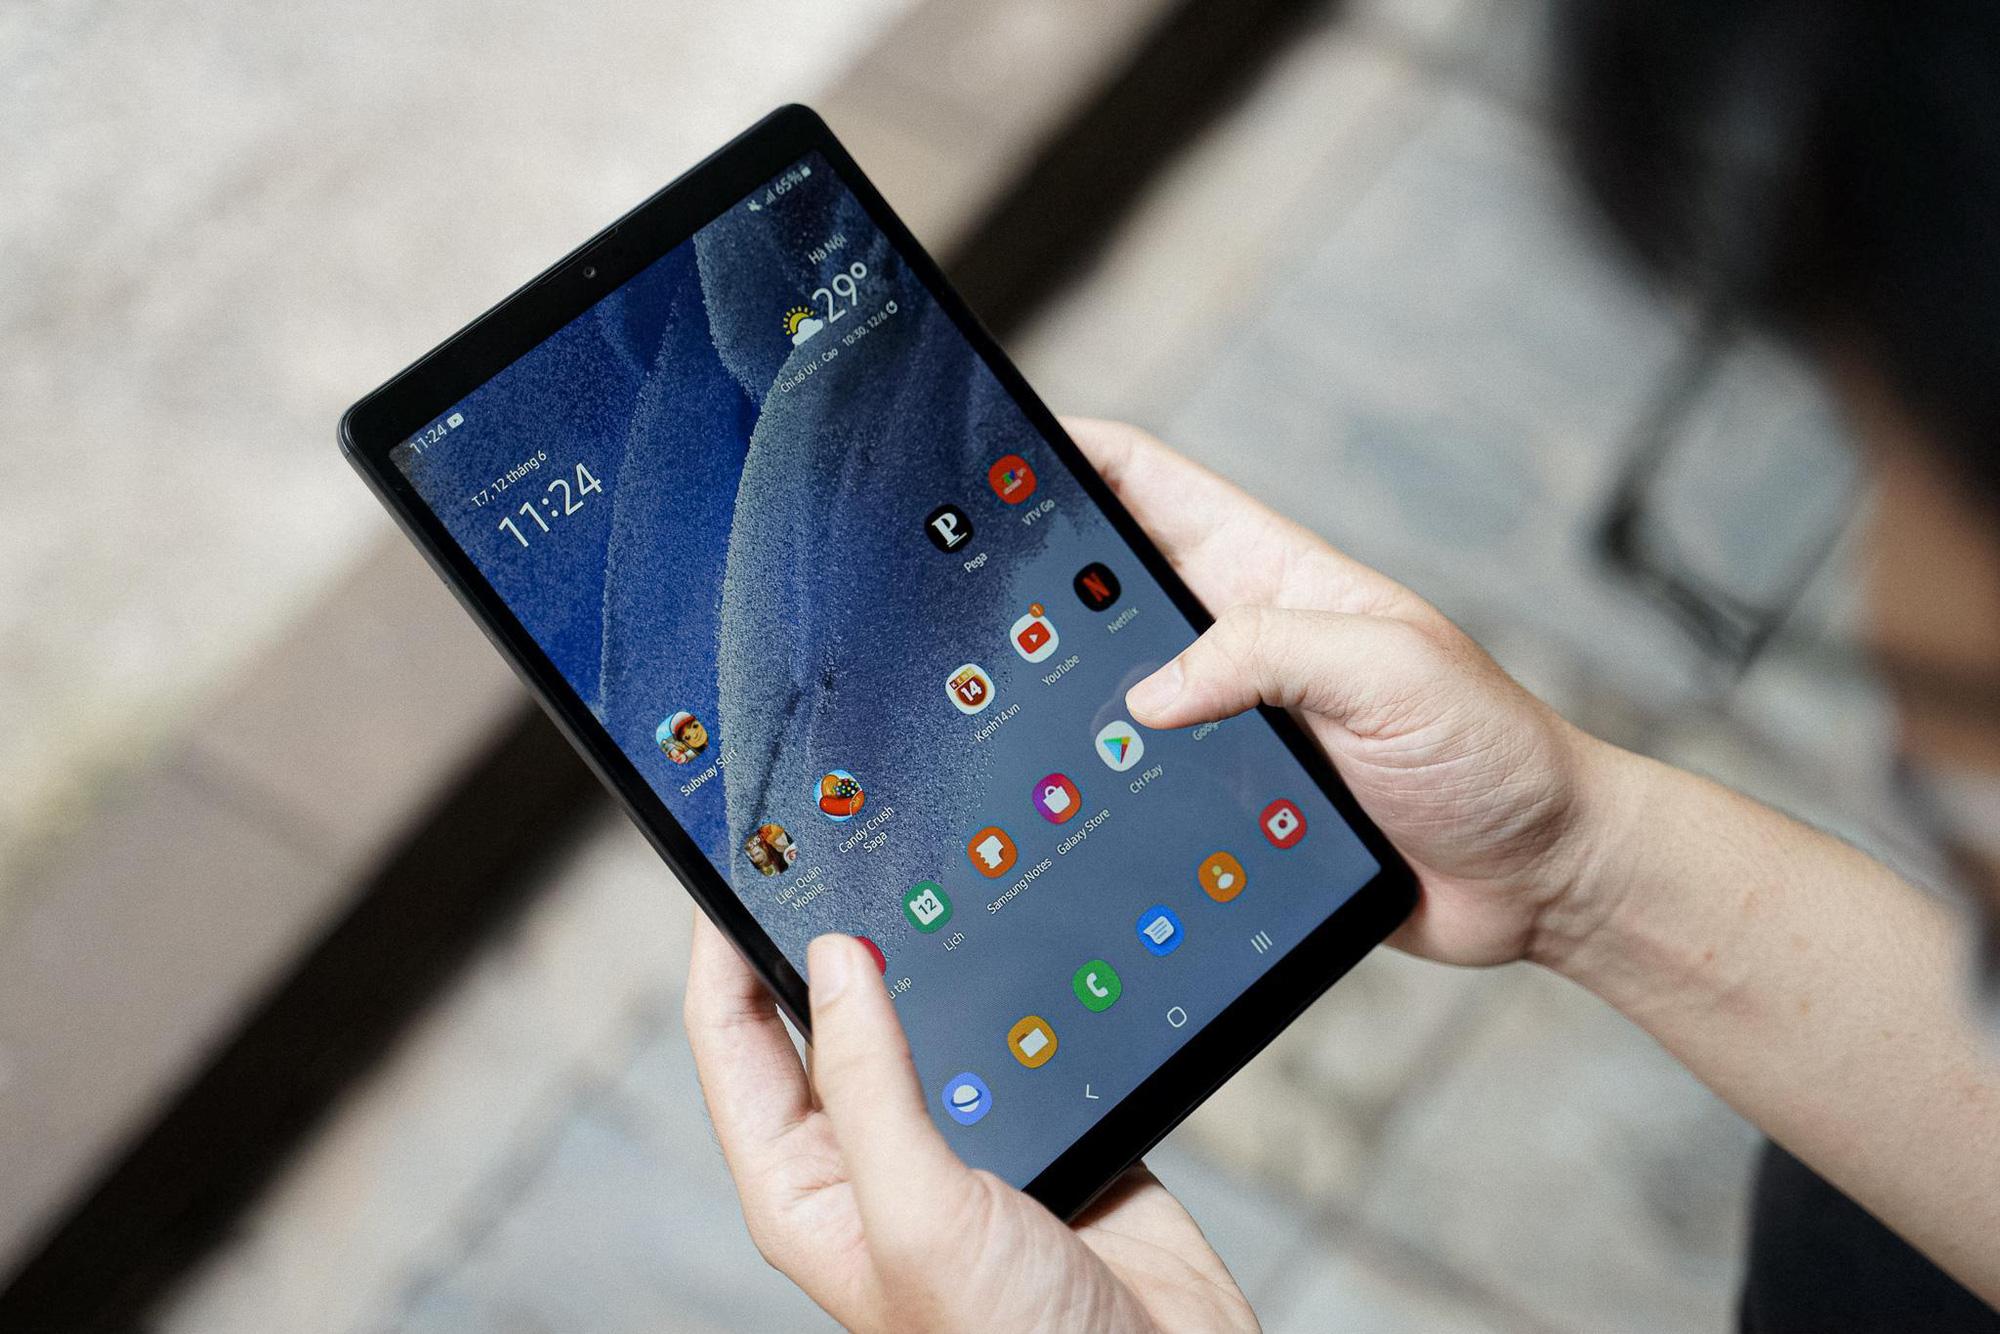 Nhìn những hình ảnh này mới thấy tablet phổ thông giờ vừa đẹp vừa xịn khác gì hàng cao cấp đâu - Ảnh 1.